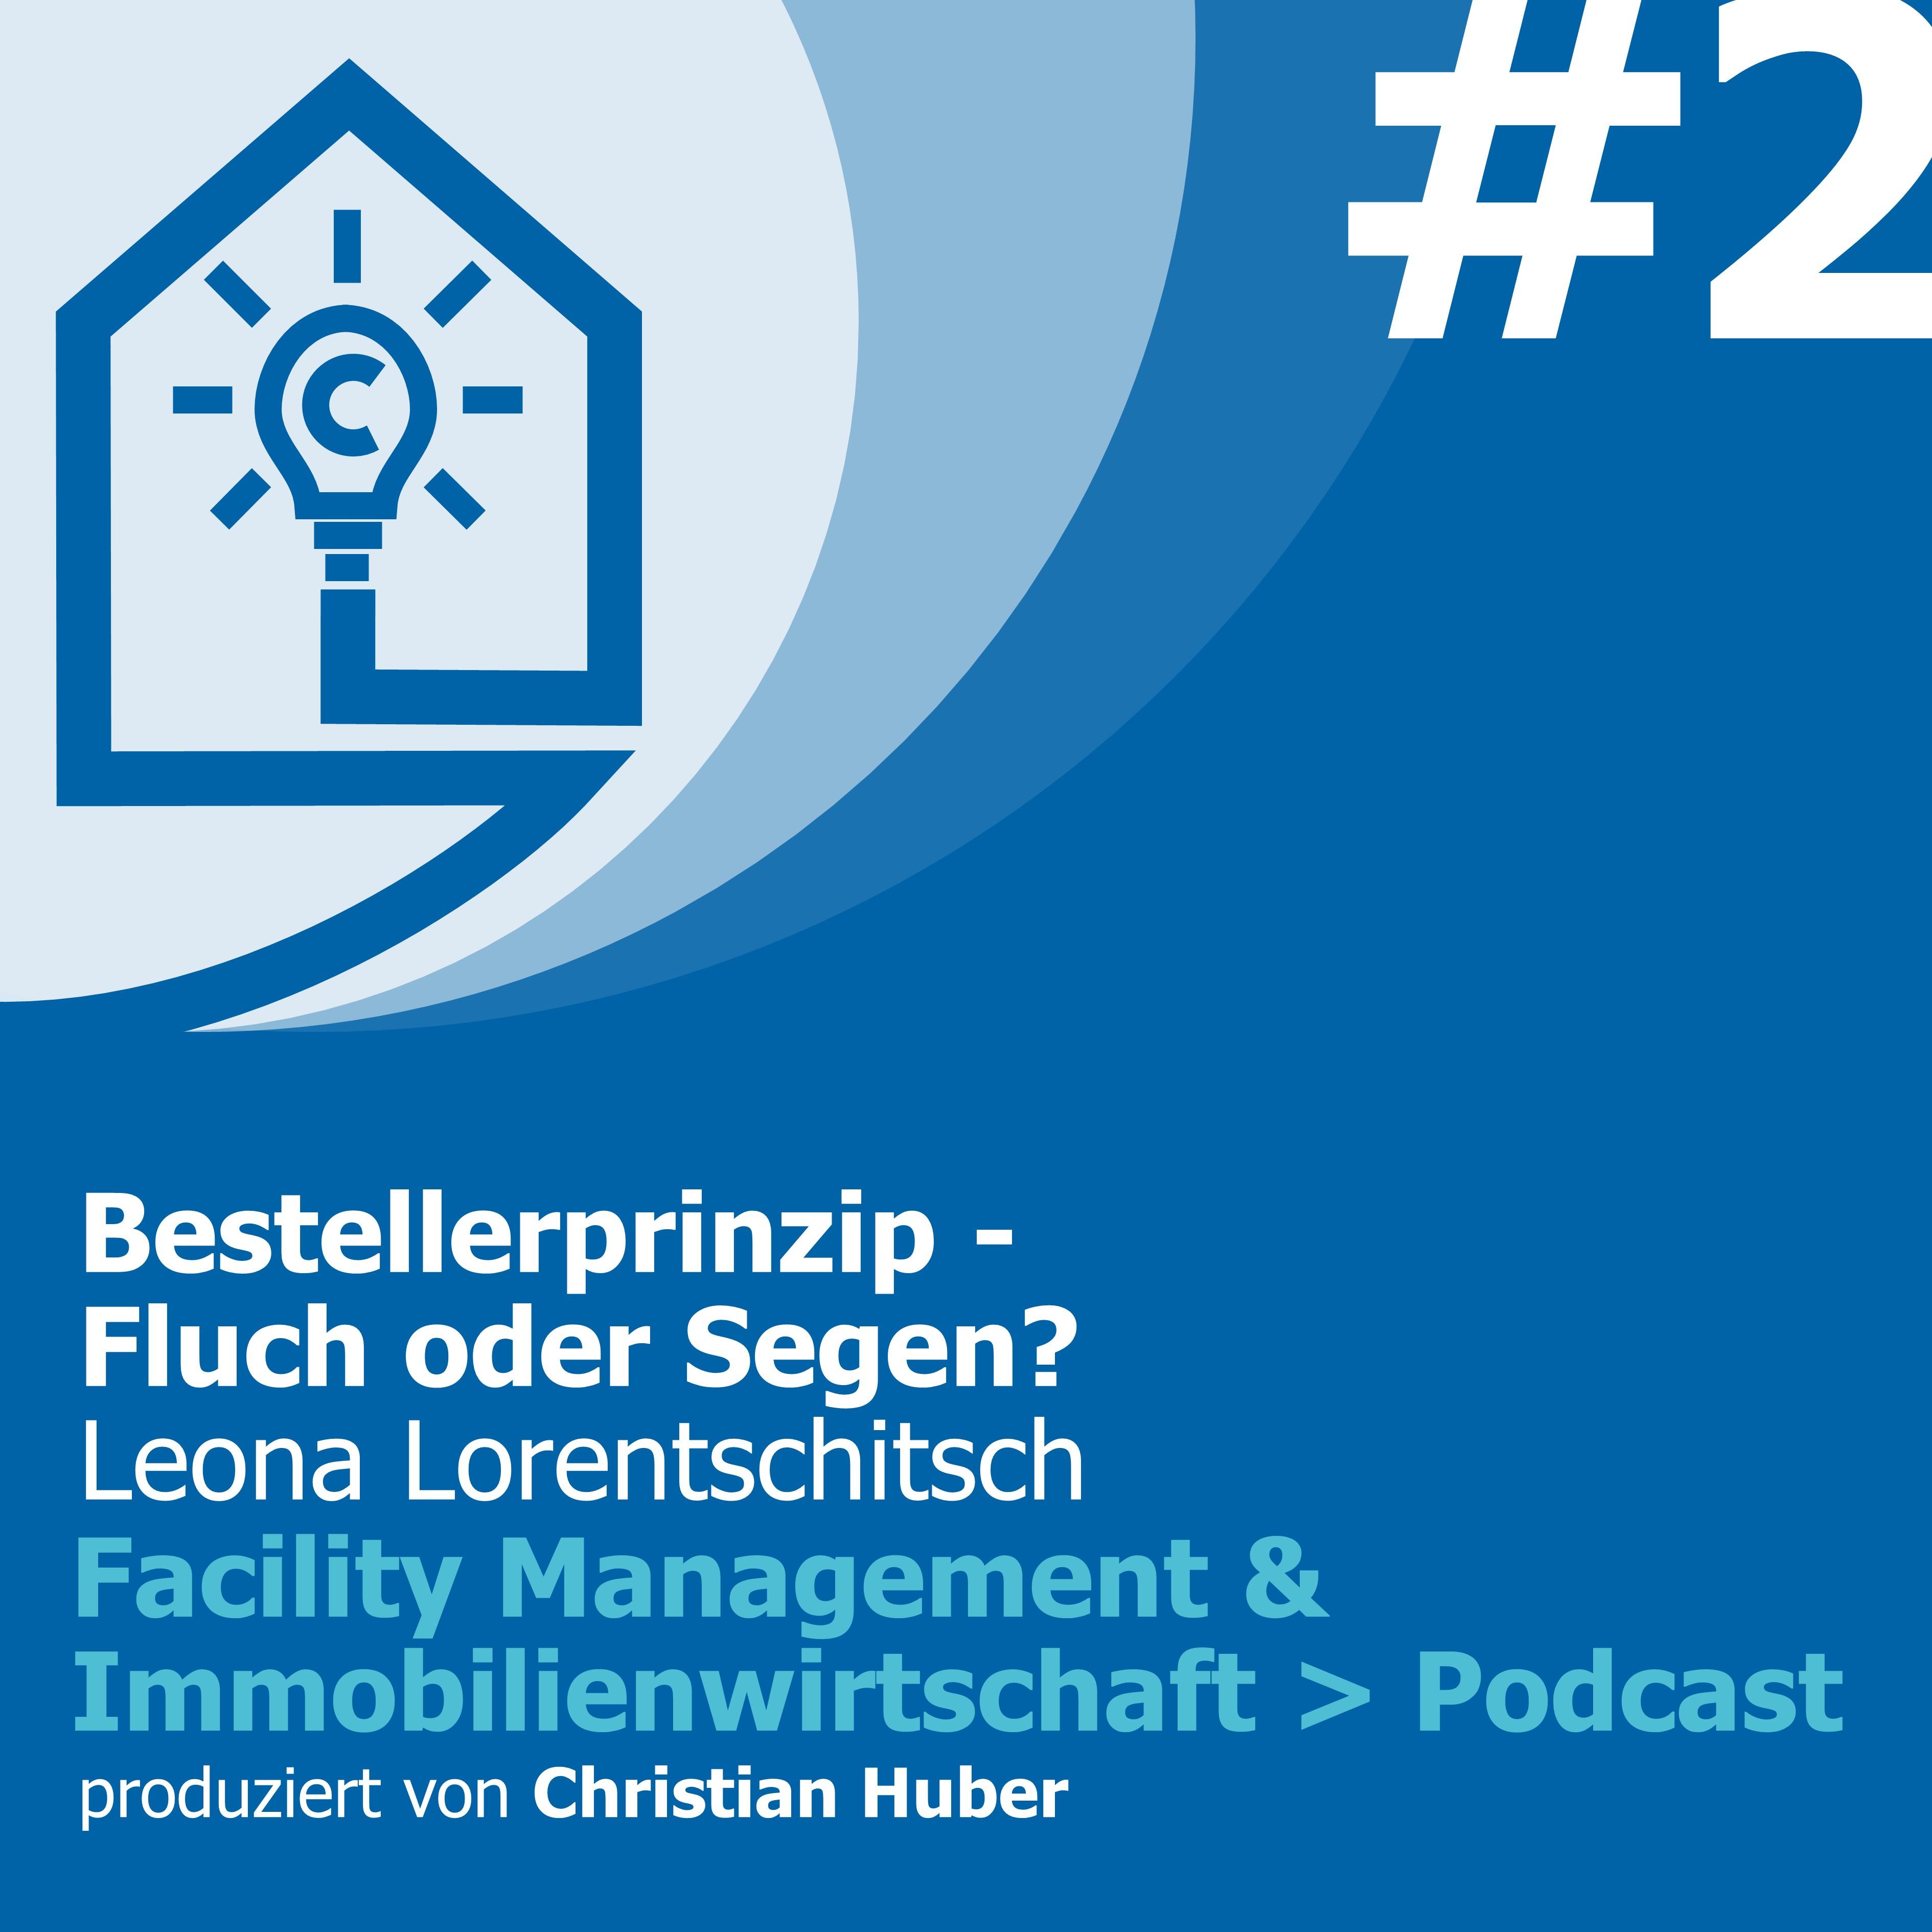 Episode 2 - Das Bestellerprinzip in Österreich: Fluch oder Segen? Christian Huber im Gespräch mit Leona Lorentschitsch